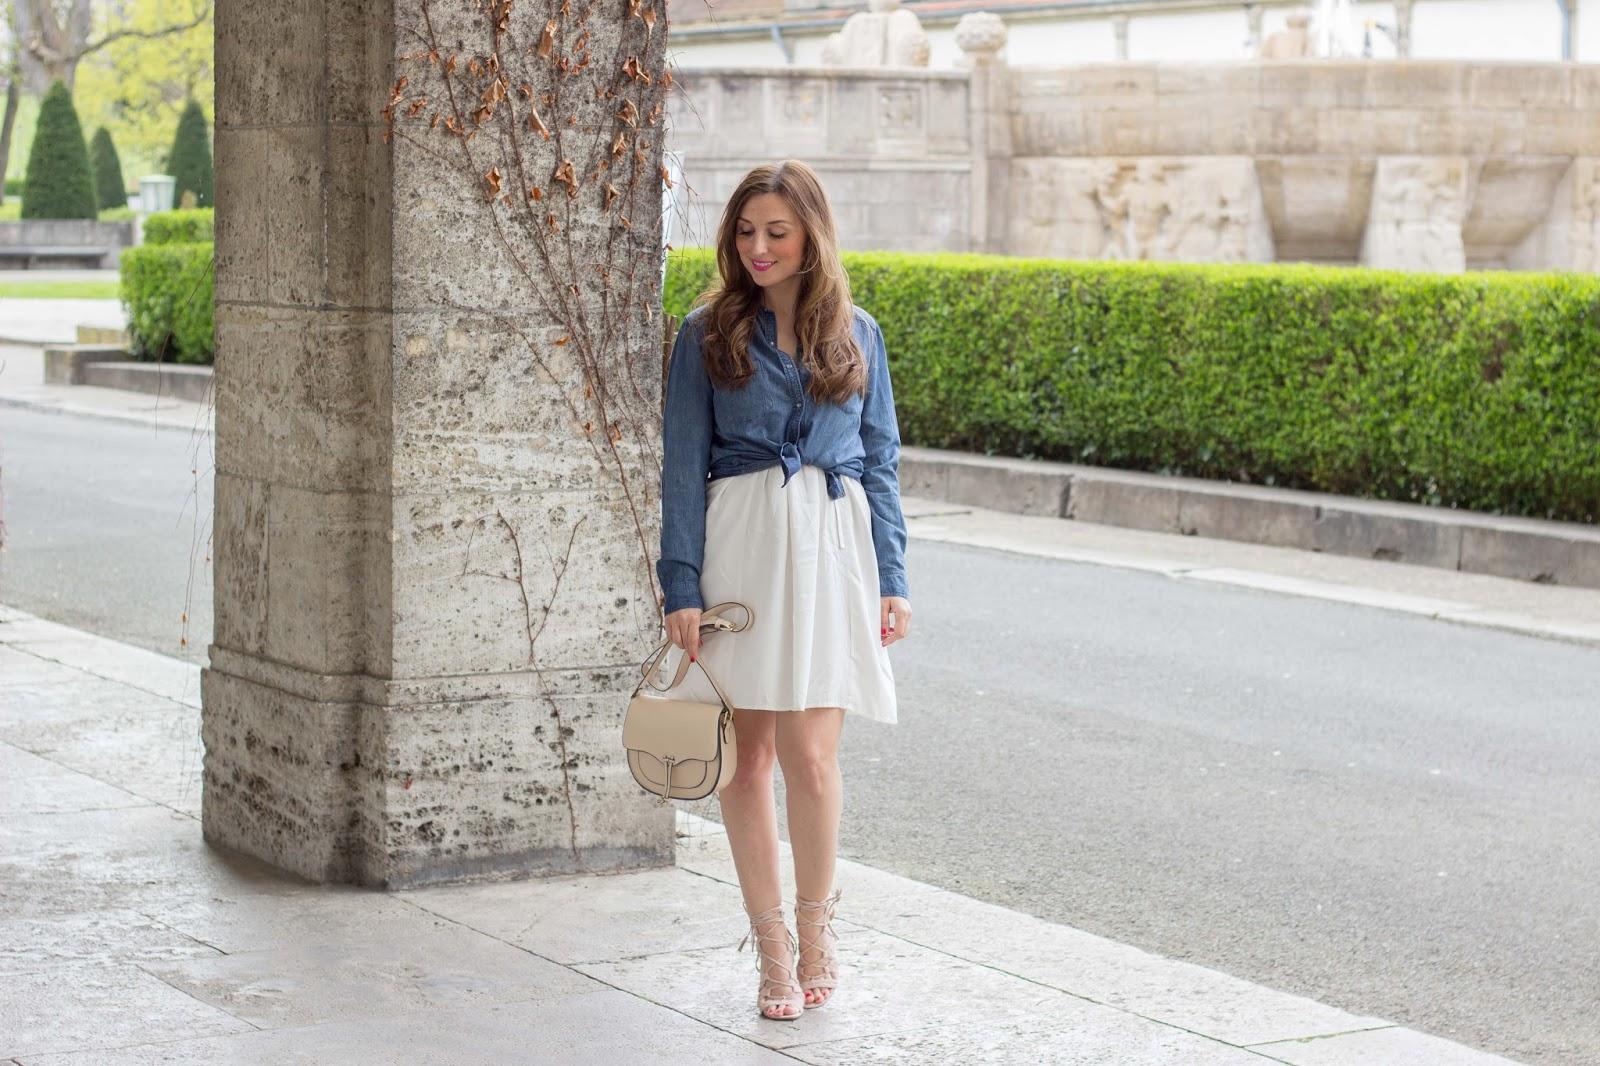 Frankfurt Blogger -  Fashionstylebyjohanna - Blogger aus Frankfurt - Frankfurt Fashionblogger - Outfitinspiration Weißes Off-Shoulder Kleid -Blogger in weißem Kleid